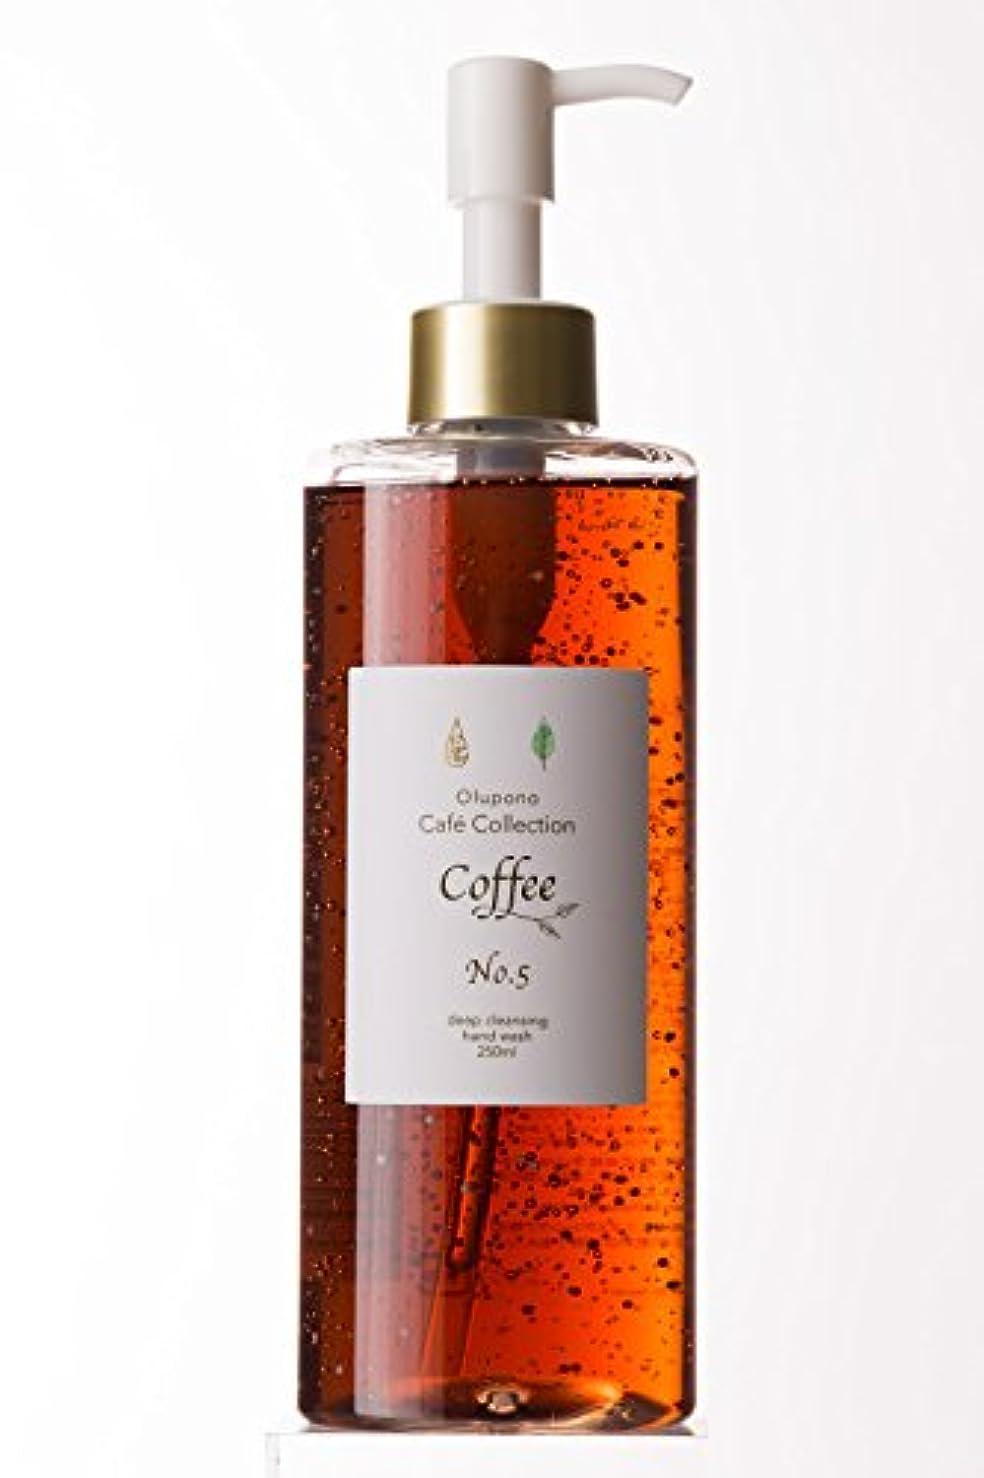 市長を必要としていますパキスタン人ハンドソープ オルポノ カフェコレクション コーヒー No.5